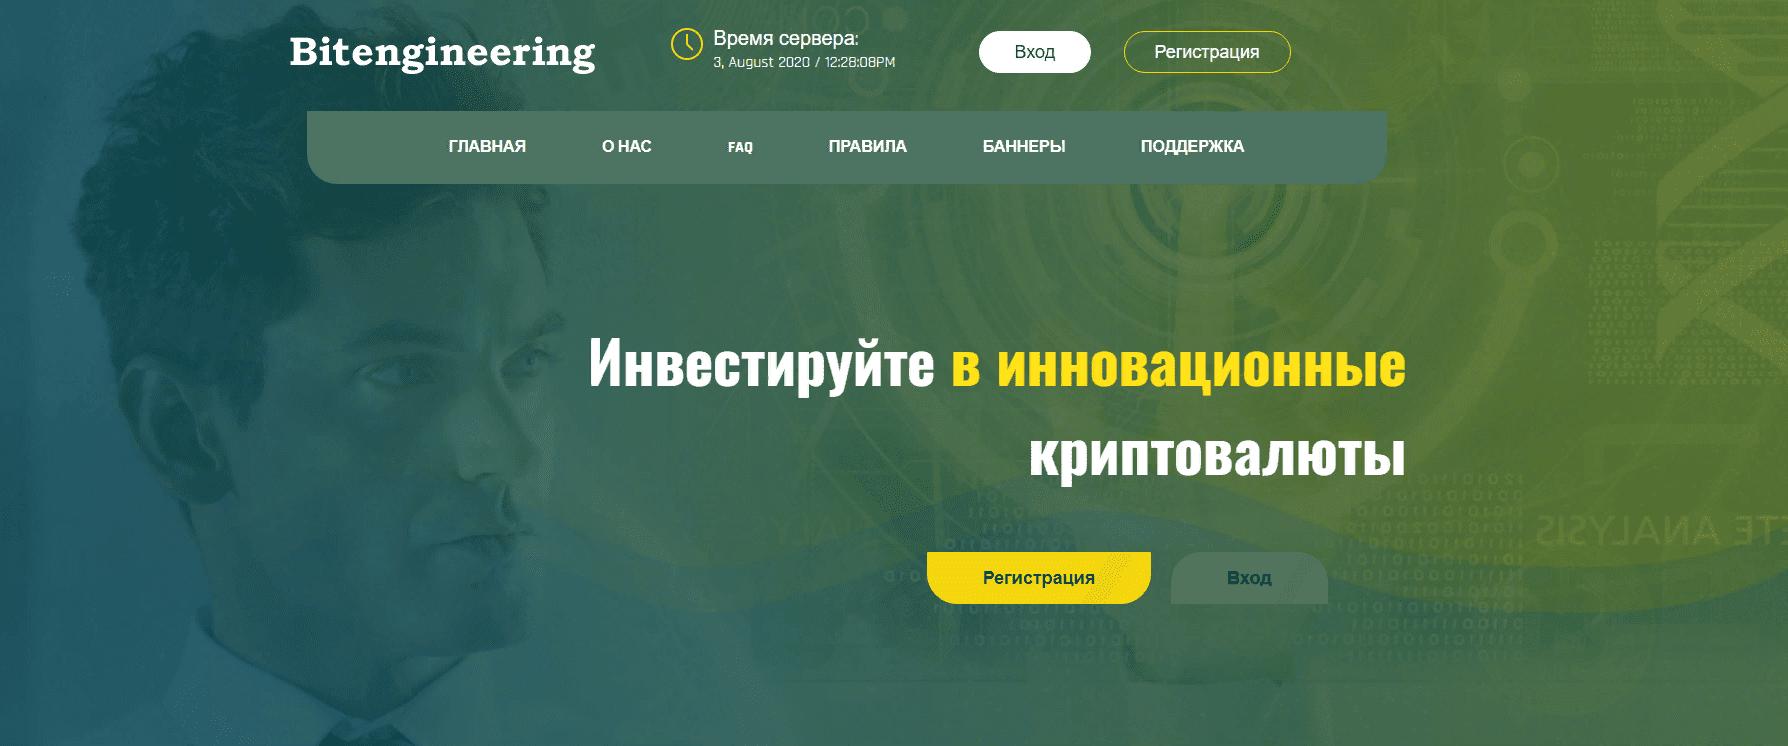 Bitengineering